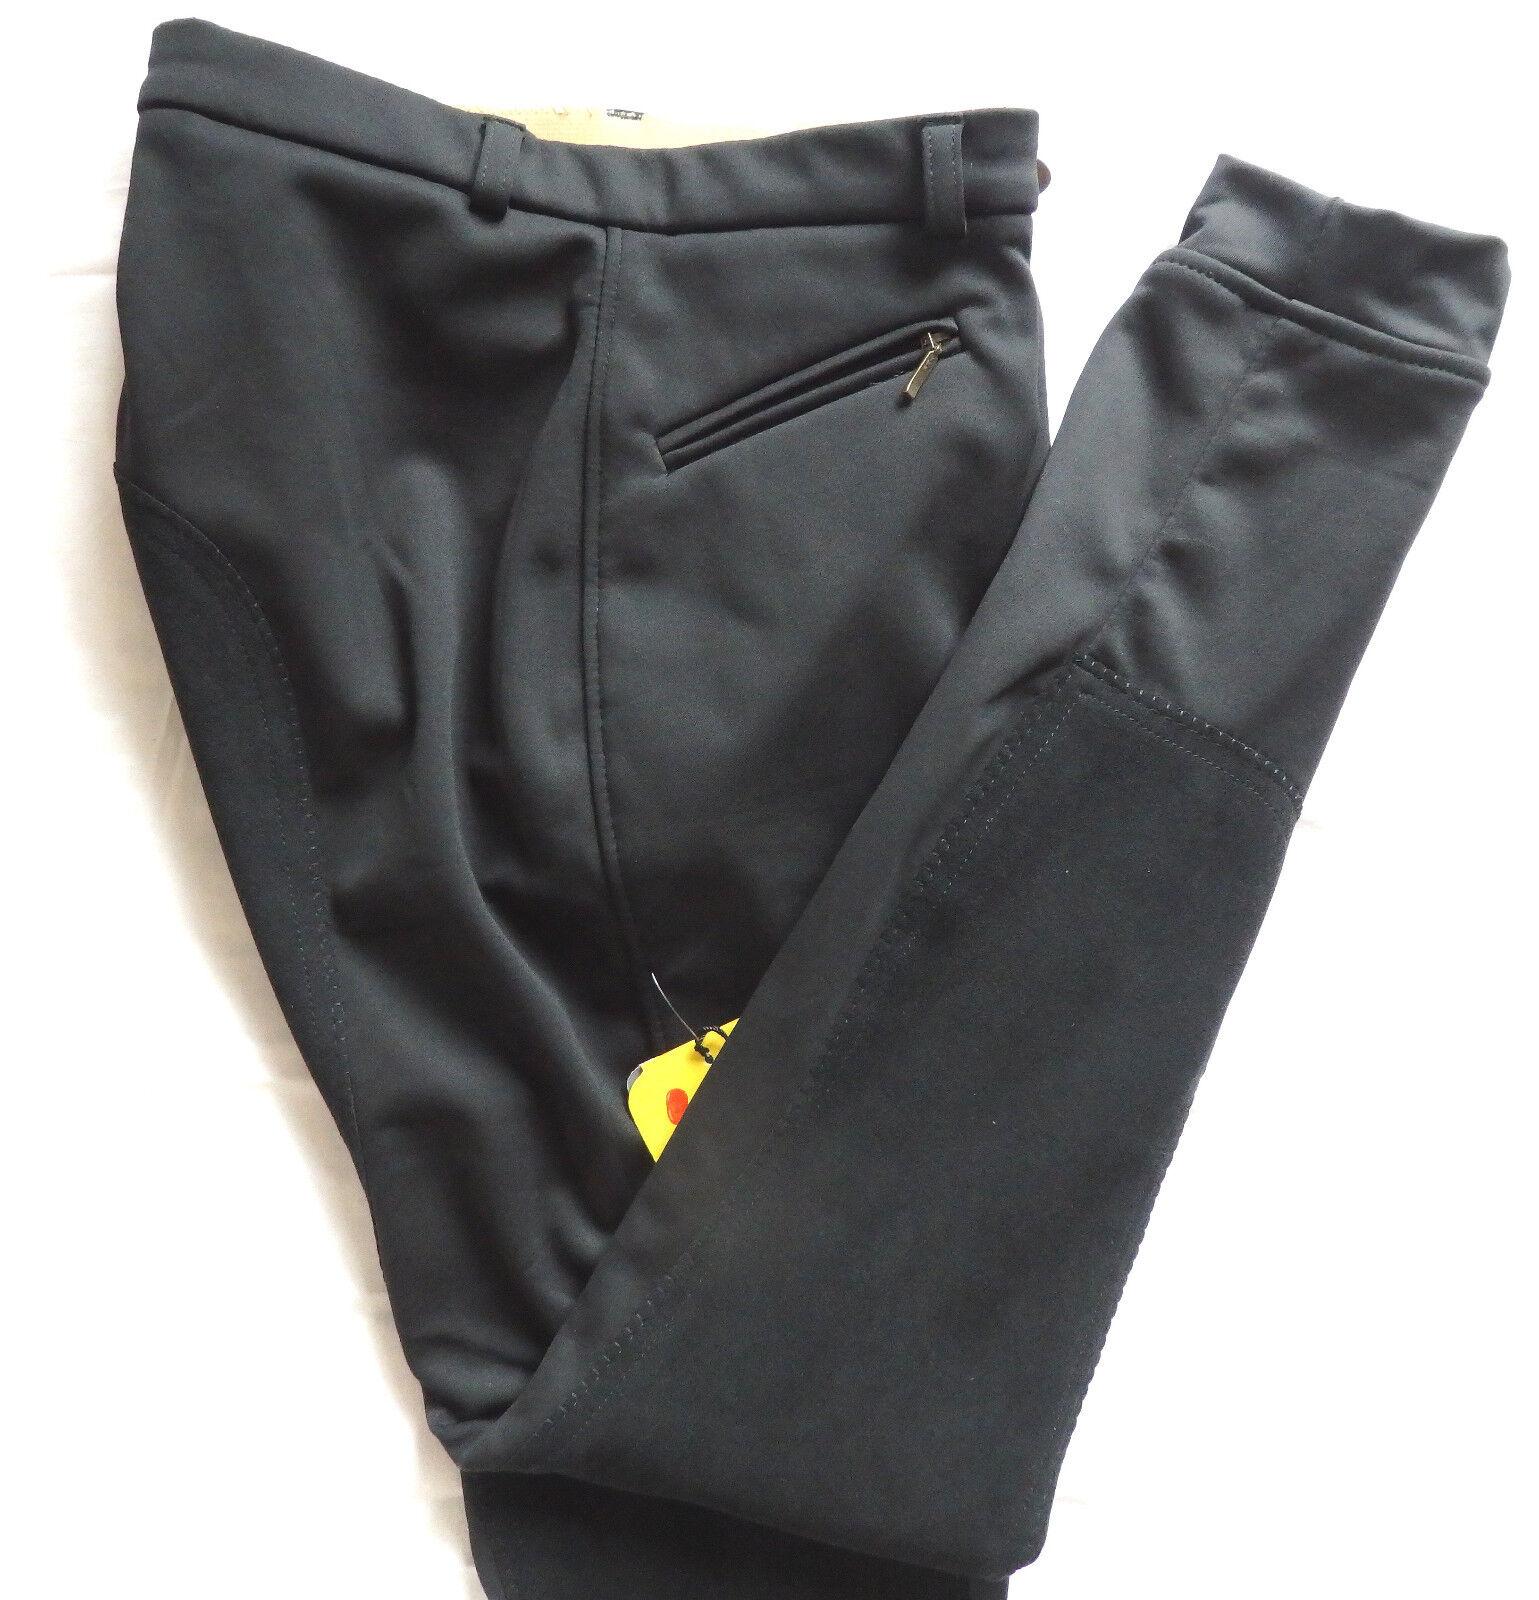 HKM bambini MONTALA Pantaloni Softshell inverno 34 guarnizione in pieno, nero, tg. 176, 220